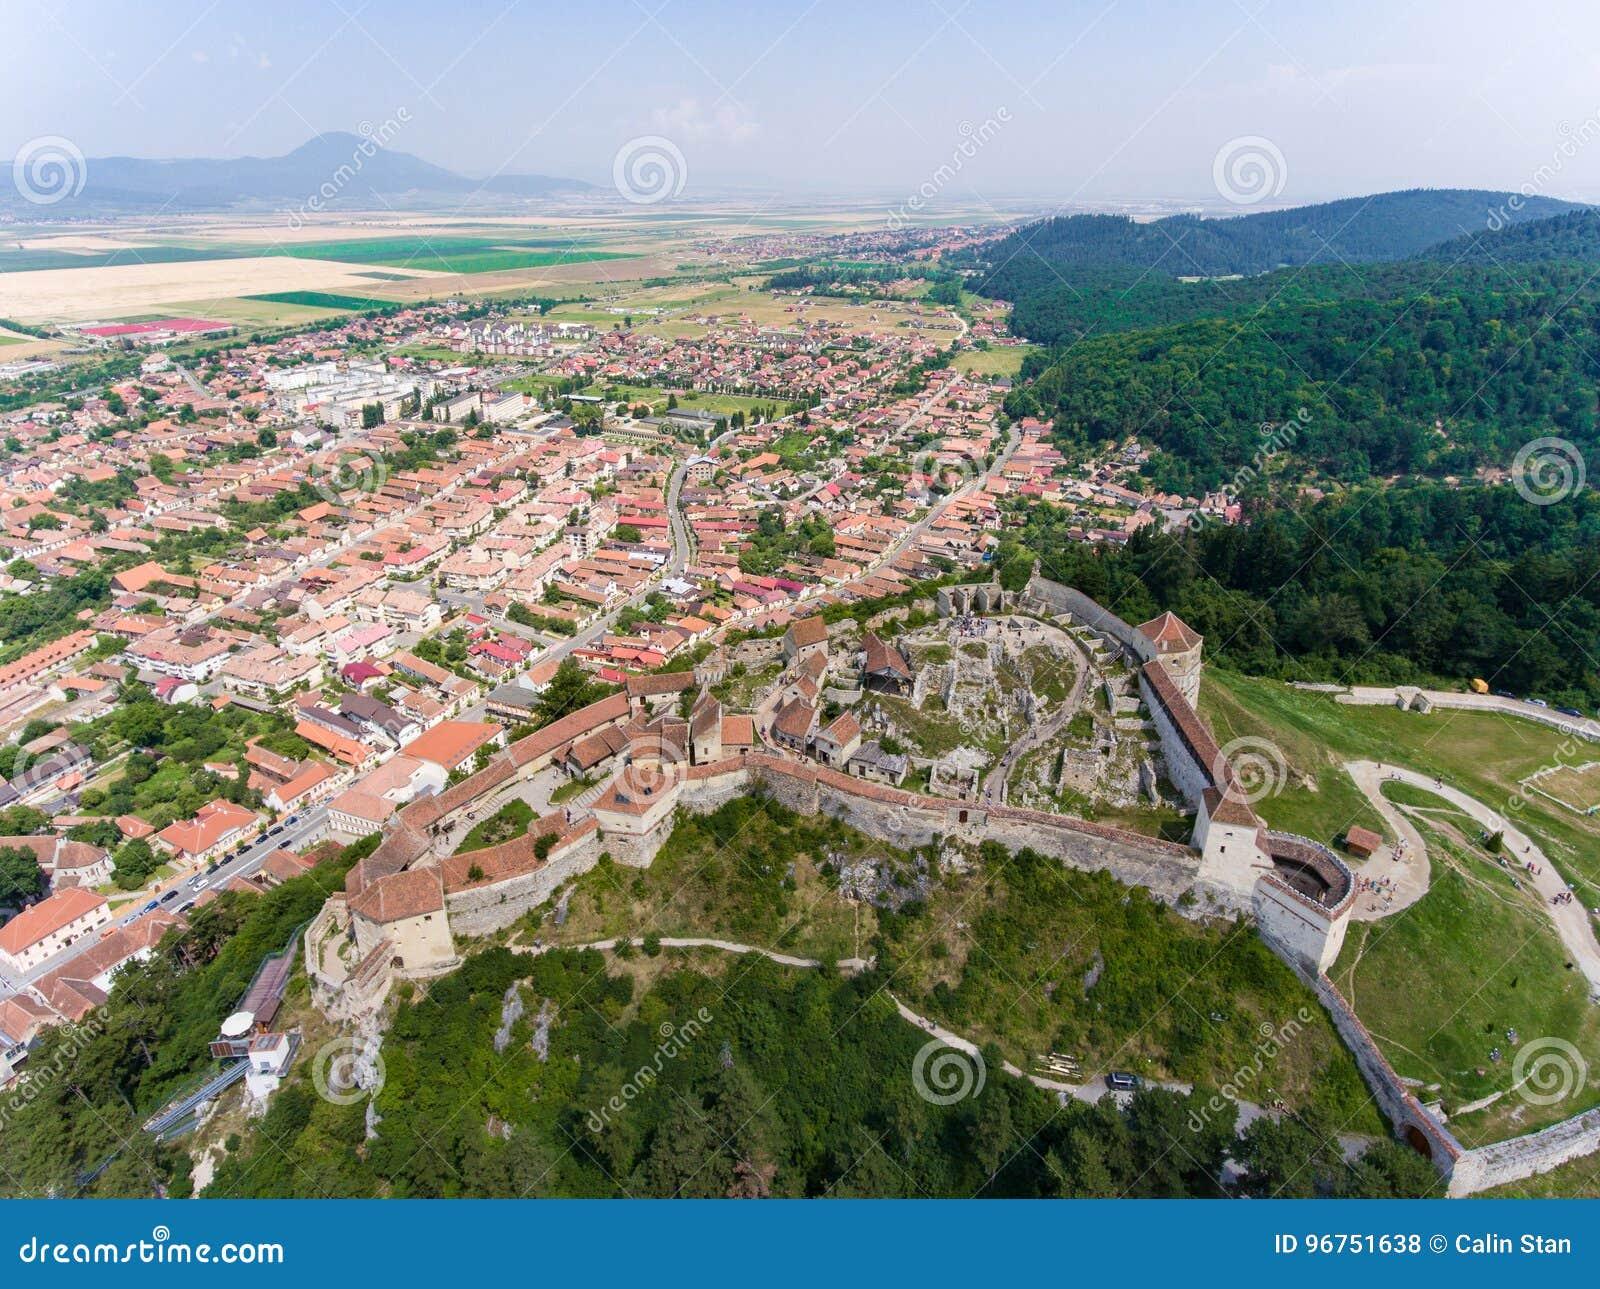 The Saxon fortress Rasnov near Brasov in Transylvania Romania. A